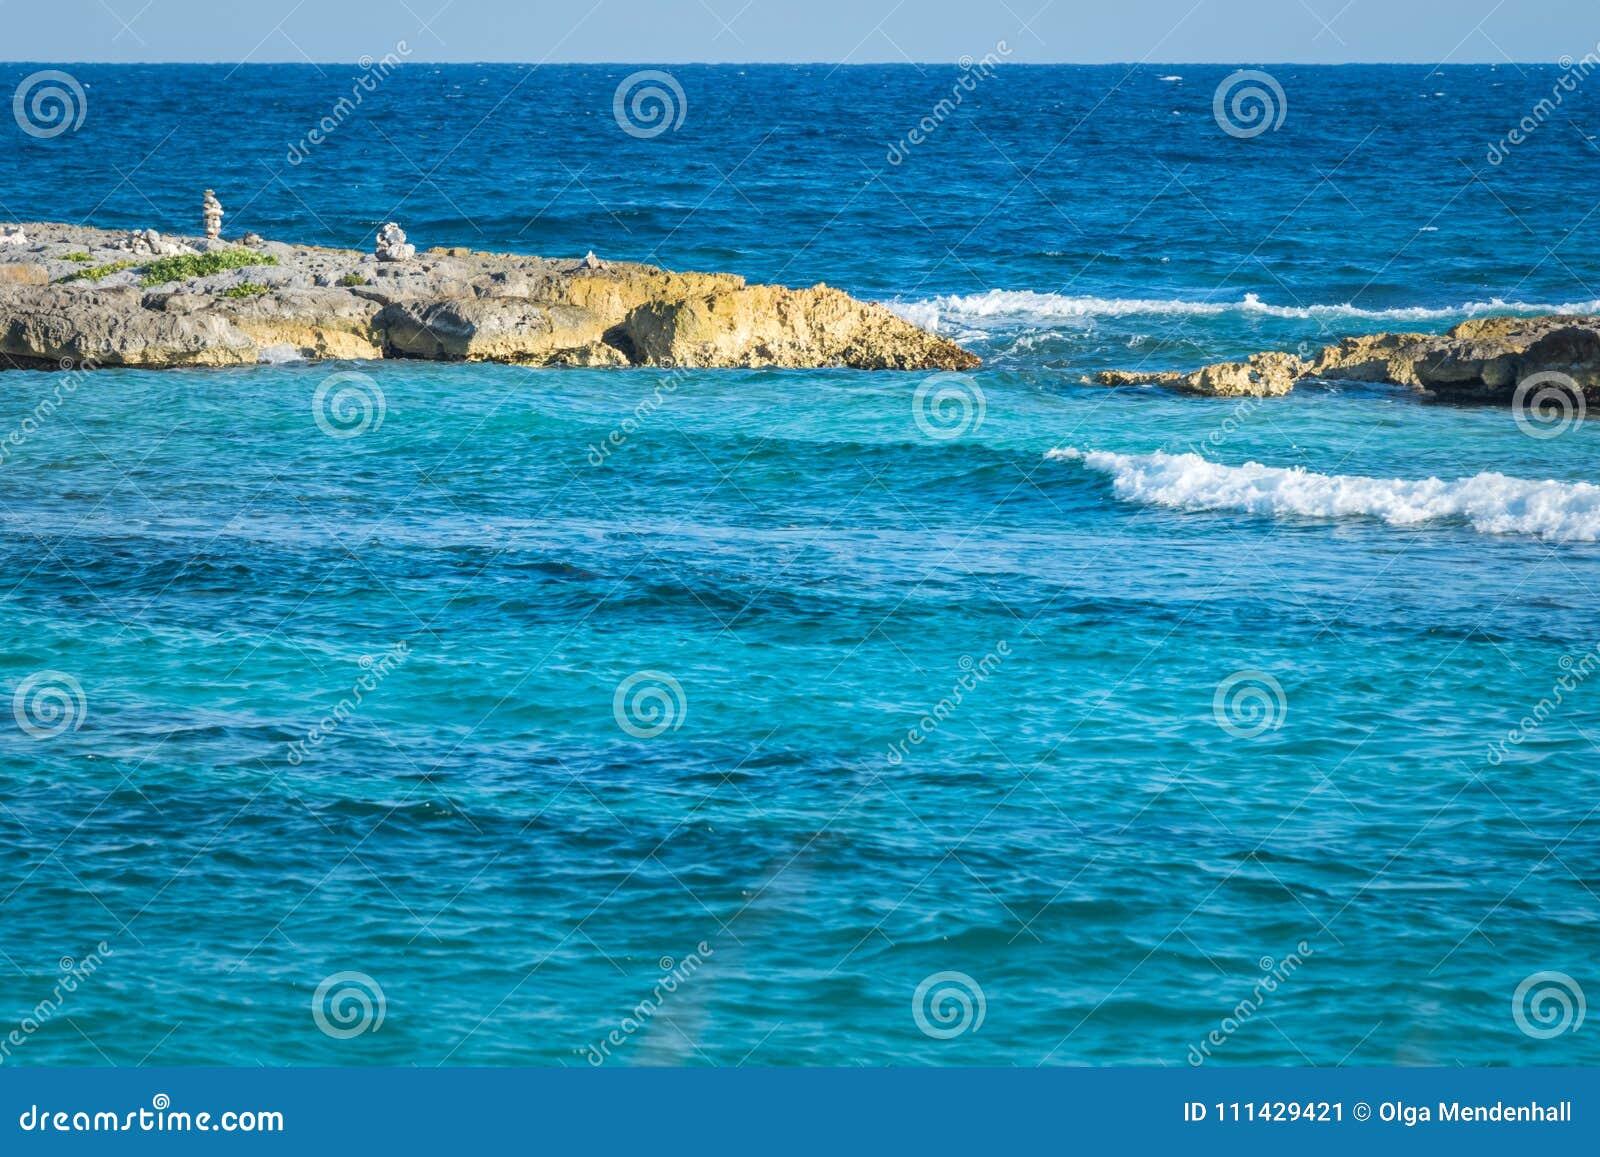 Landschap met evenwichtige rotsen, stenen op een rotsachtige koraalpijler Turkoois blauw Caraïbisch zeewater Riviera Maya, Cancun